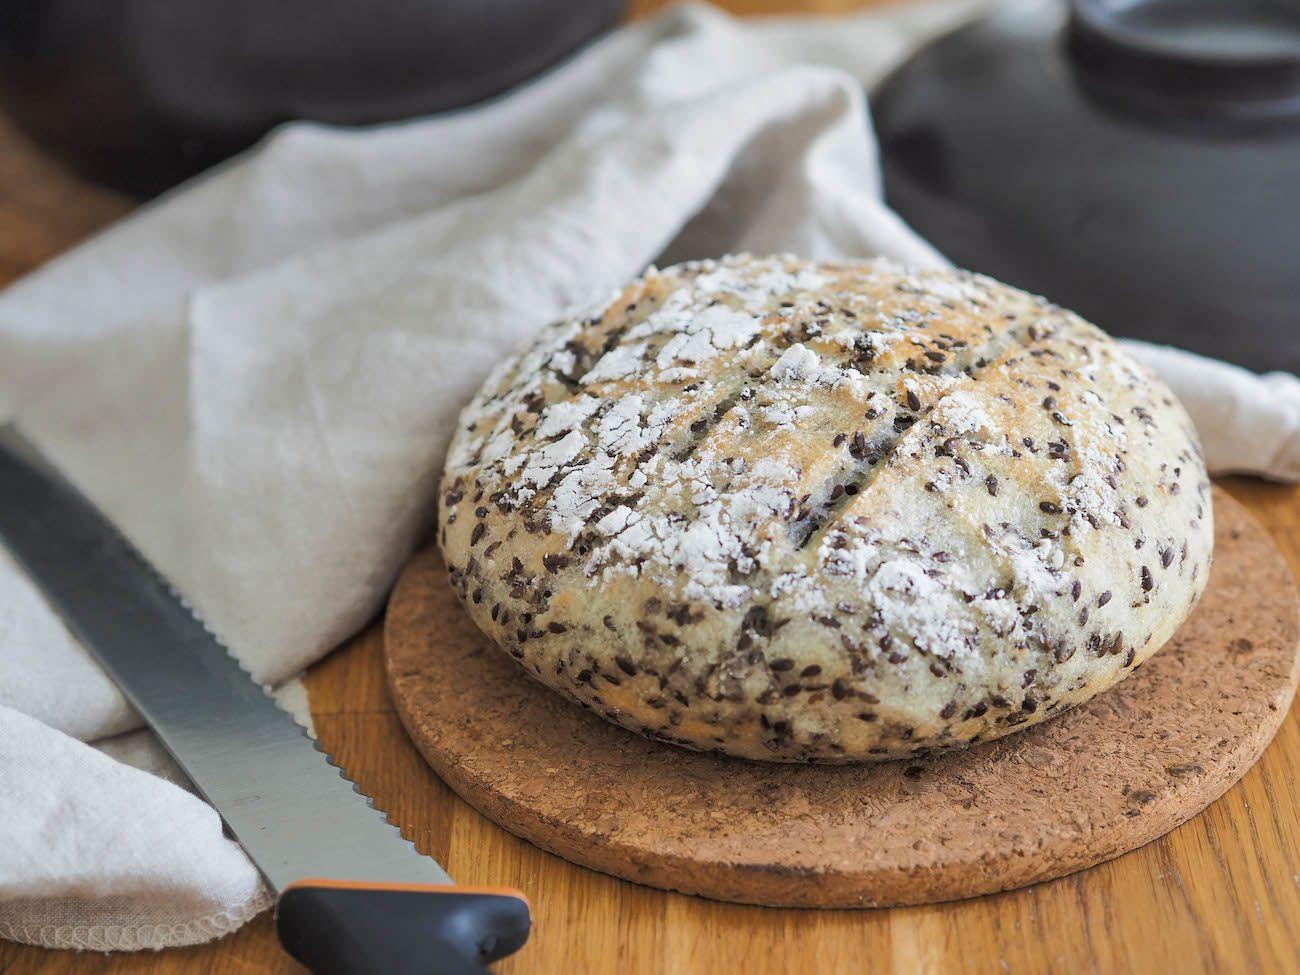 Herkullinen Gluteeniton Pataleipä leivotaan samalla tavalla kuin perinteinen pataleipä. Nauti rapeasta kotitekoisesta leivästä!